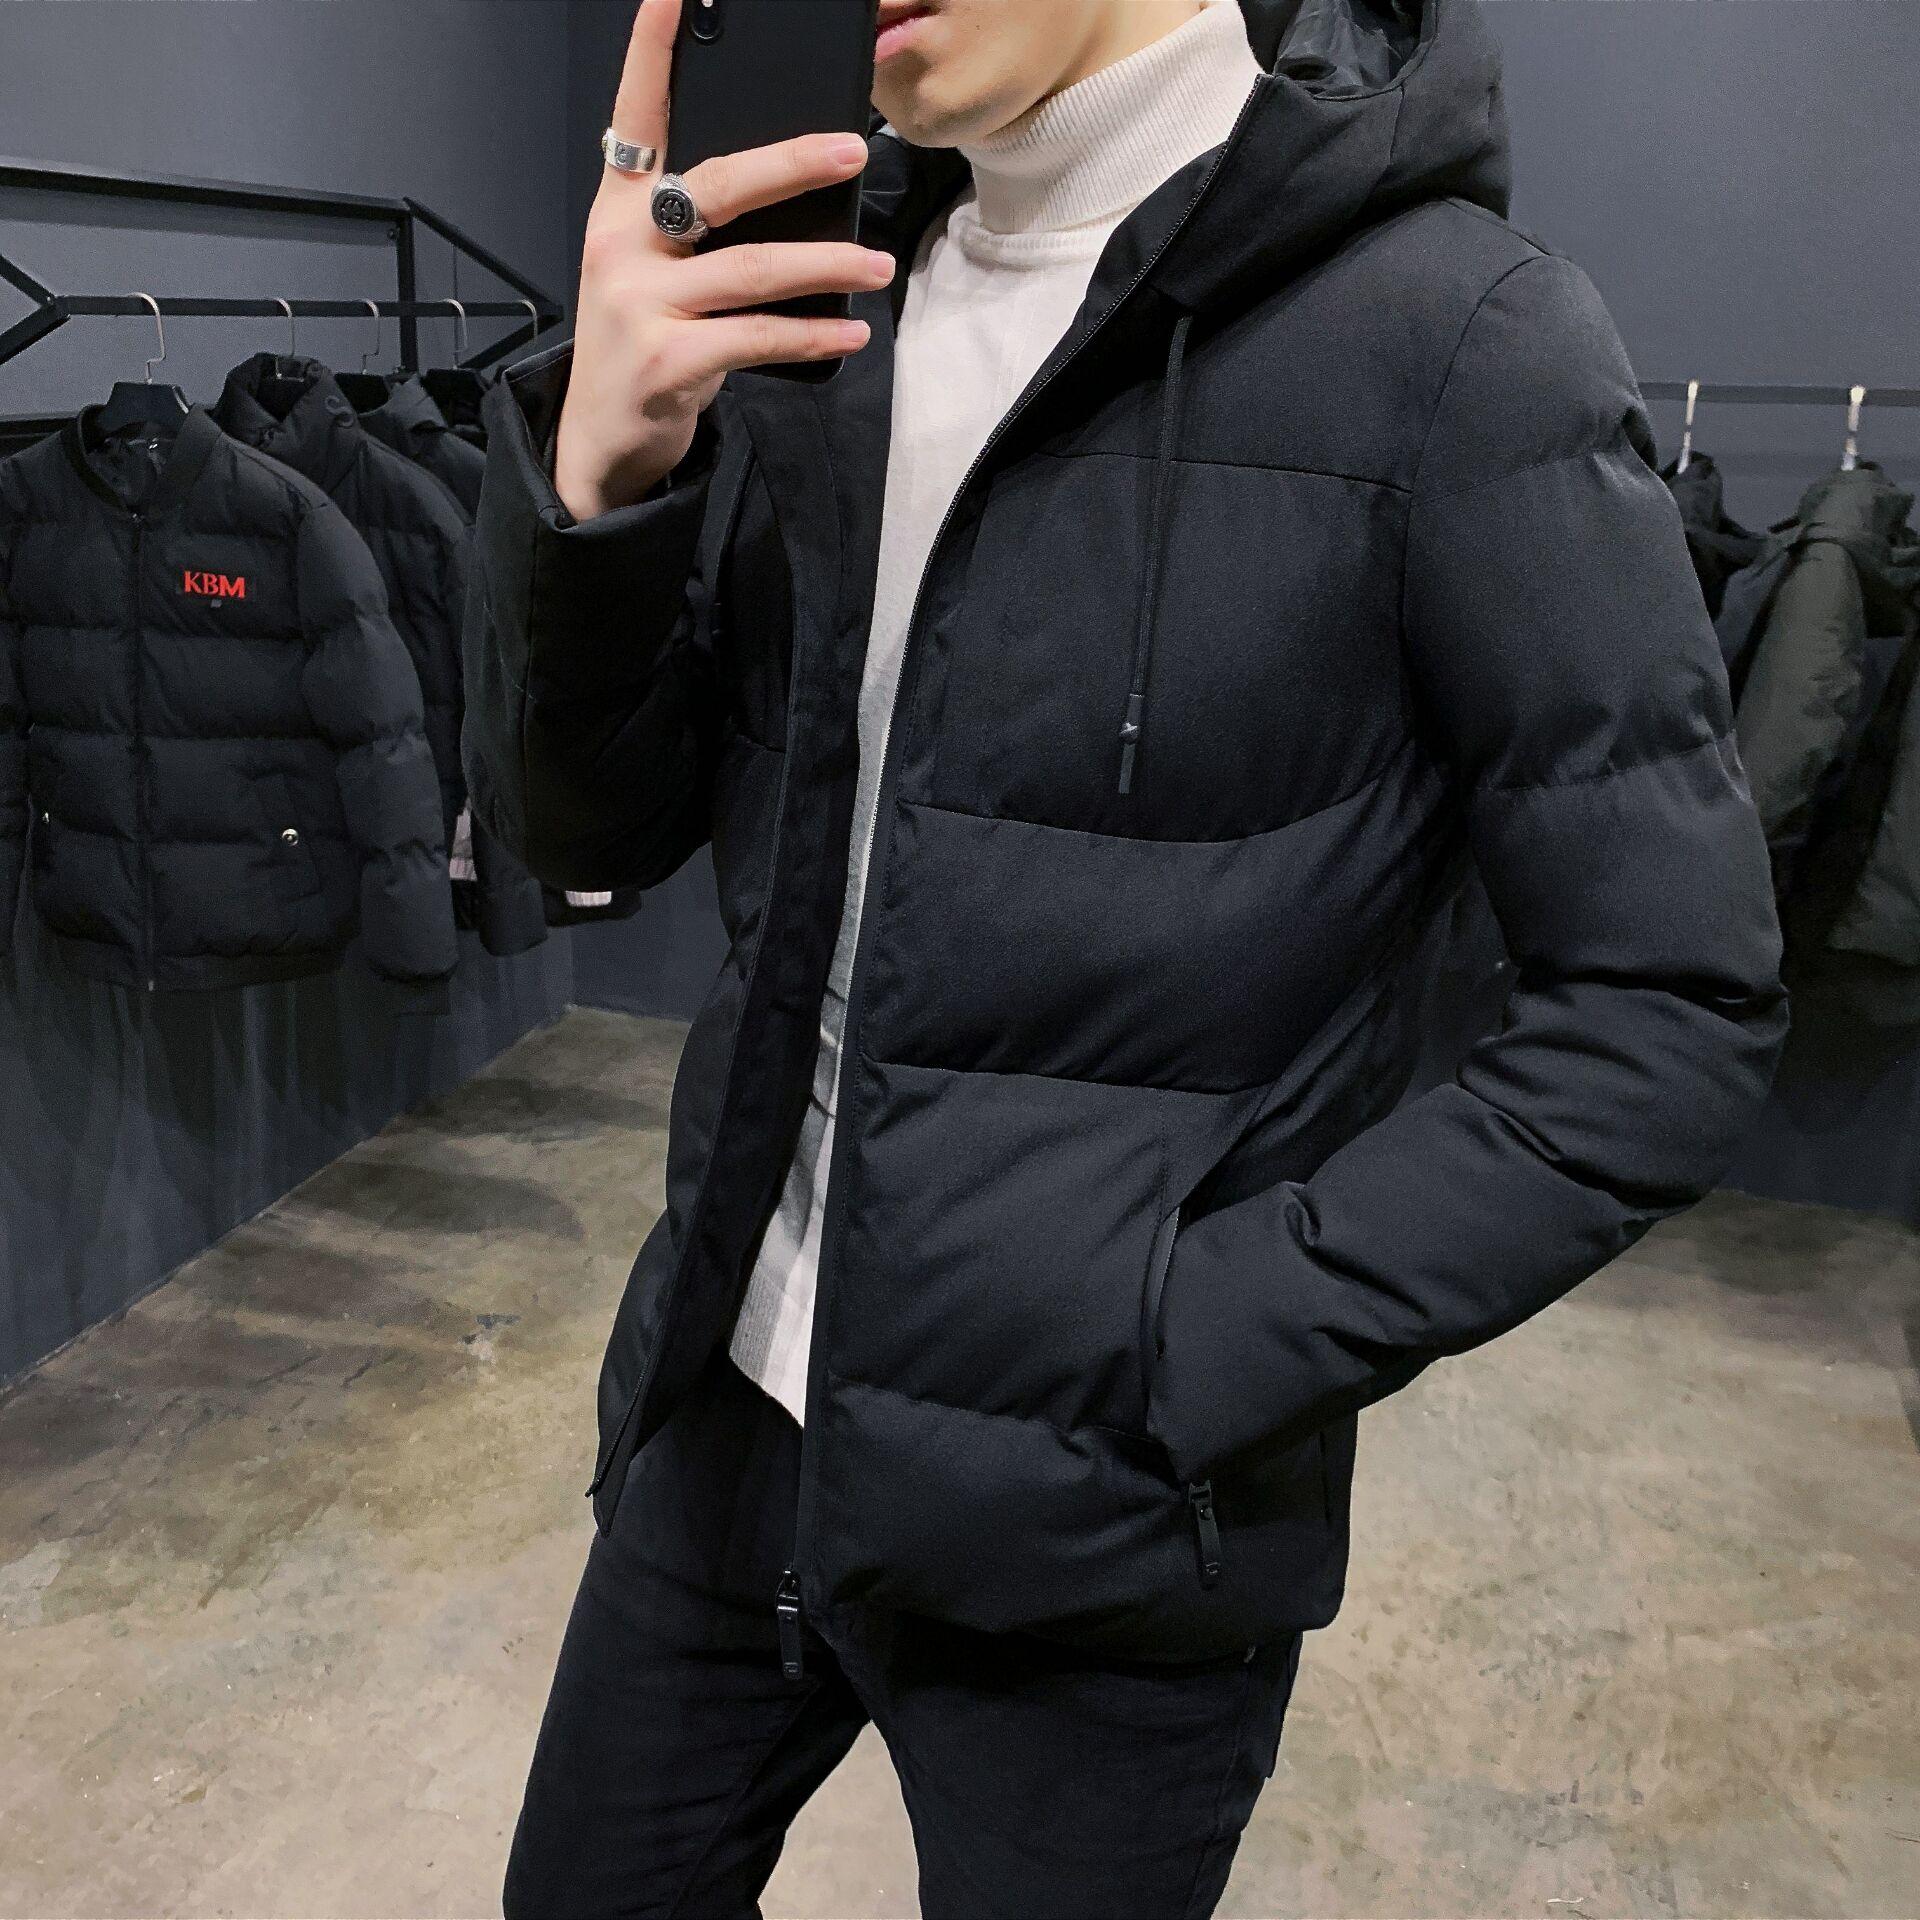 棉衣男士加厚外套冬季2019新款冬装羽绒棉服韩版短款棉袄潮流男装